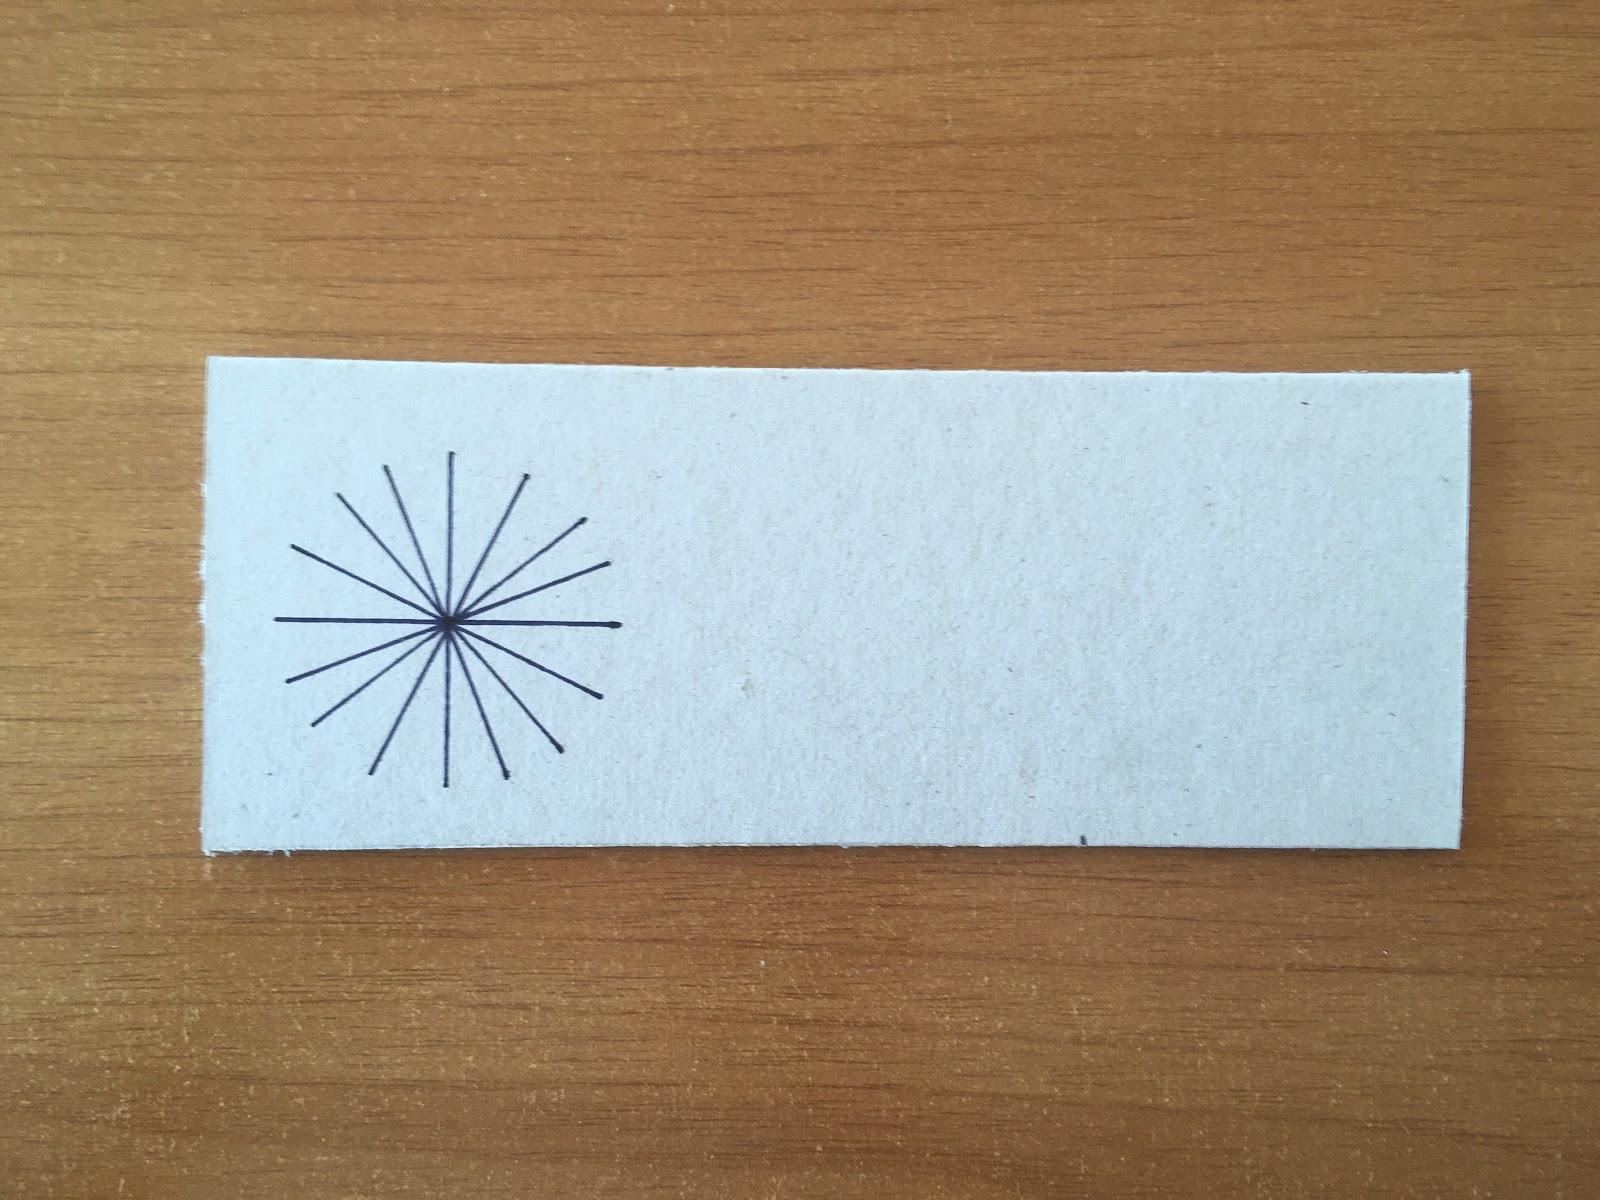 Trazado de cuatro líneas más sobre el dibujo anterior, nuevamente rotadas.